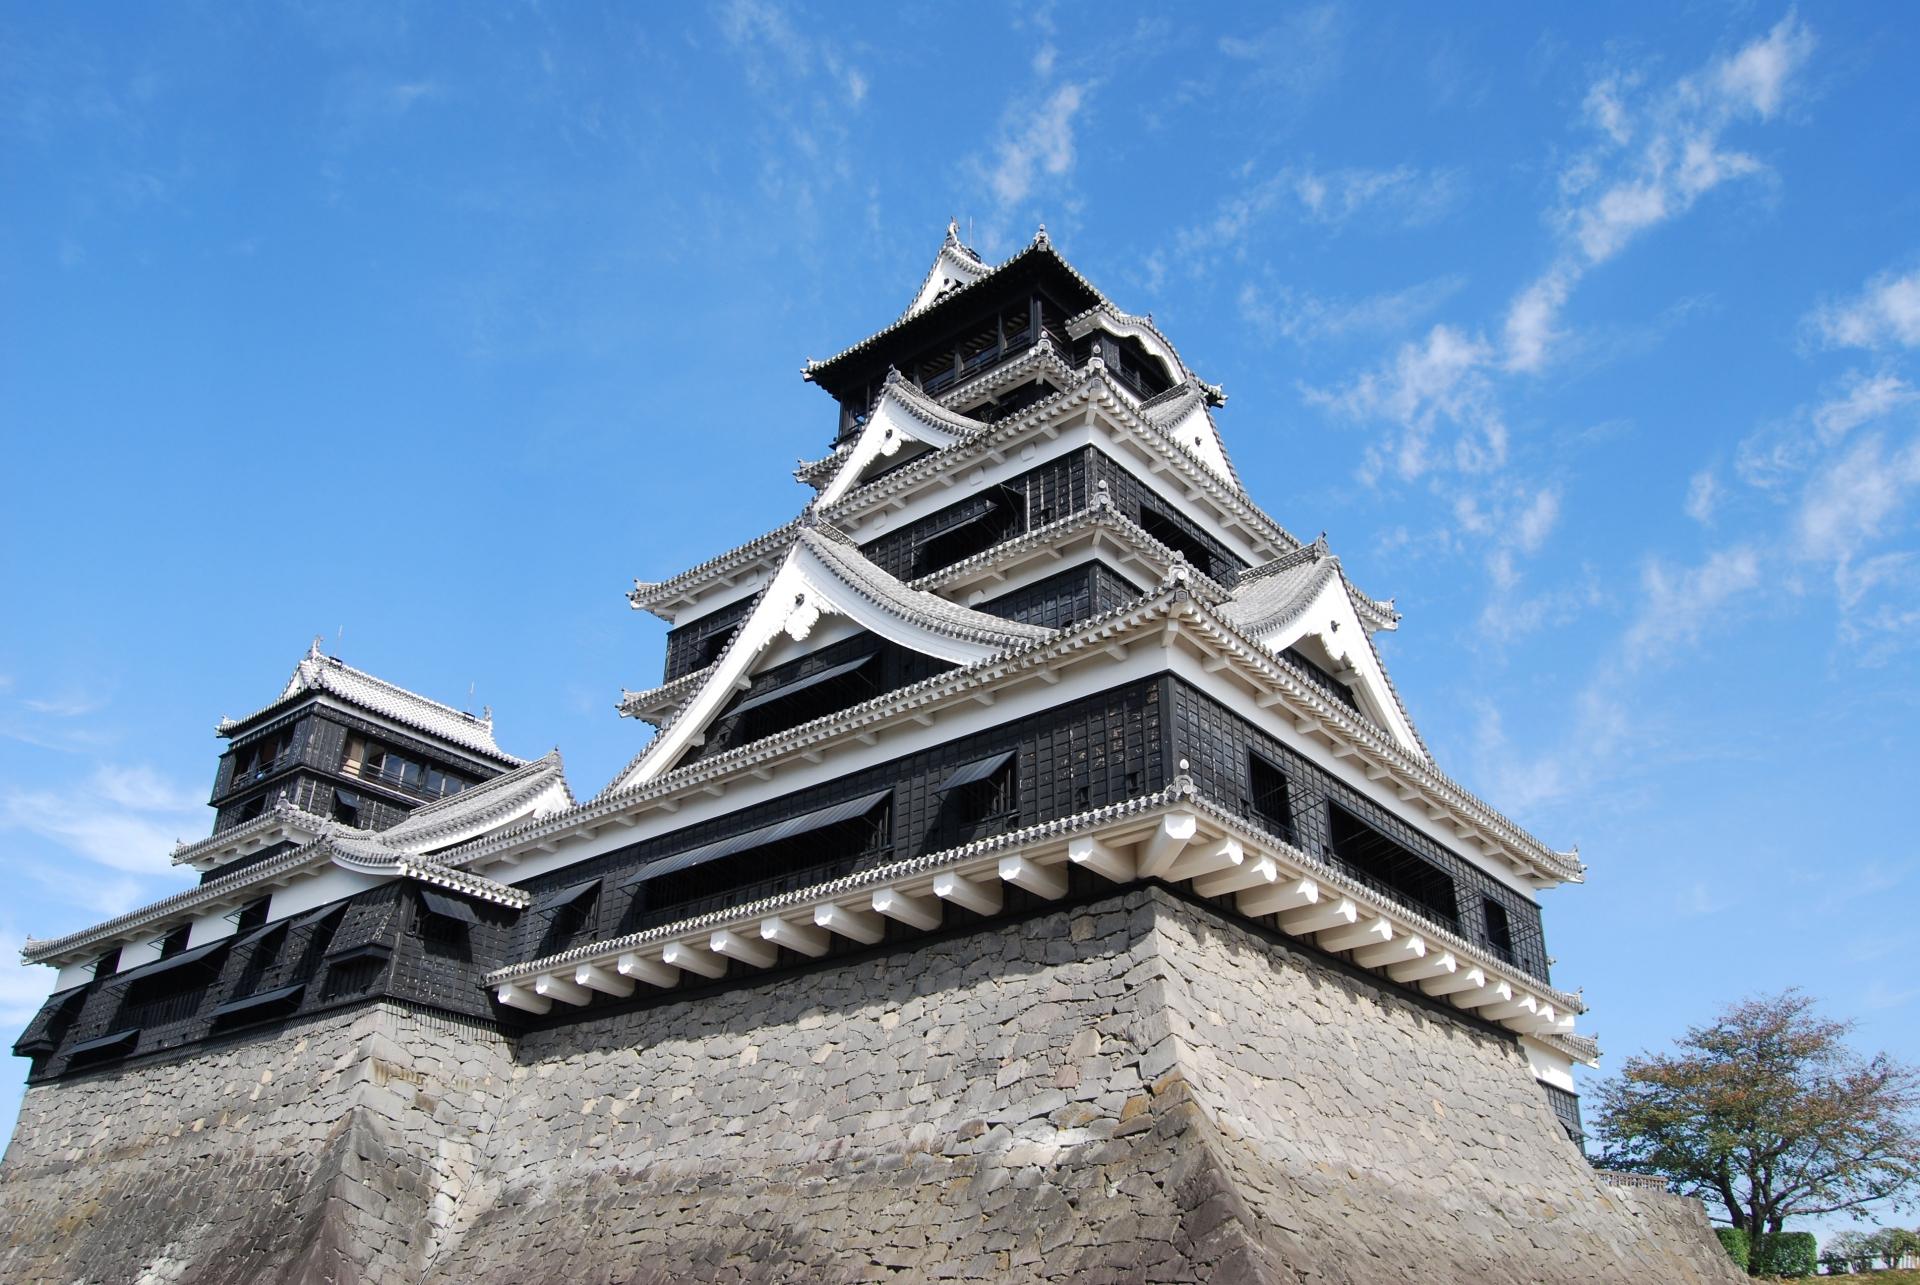 日本三大名城のひとつ 熊本城